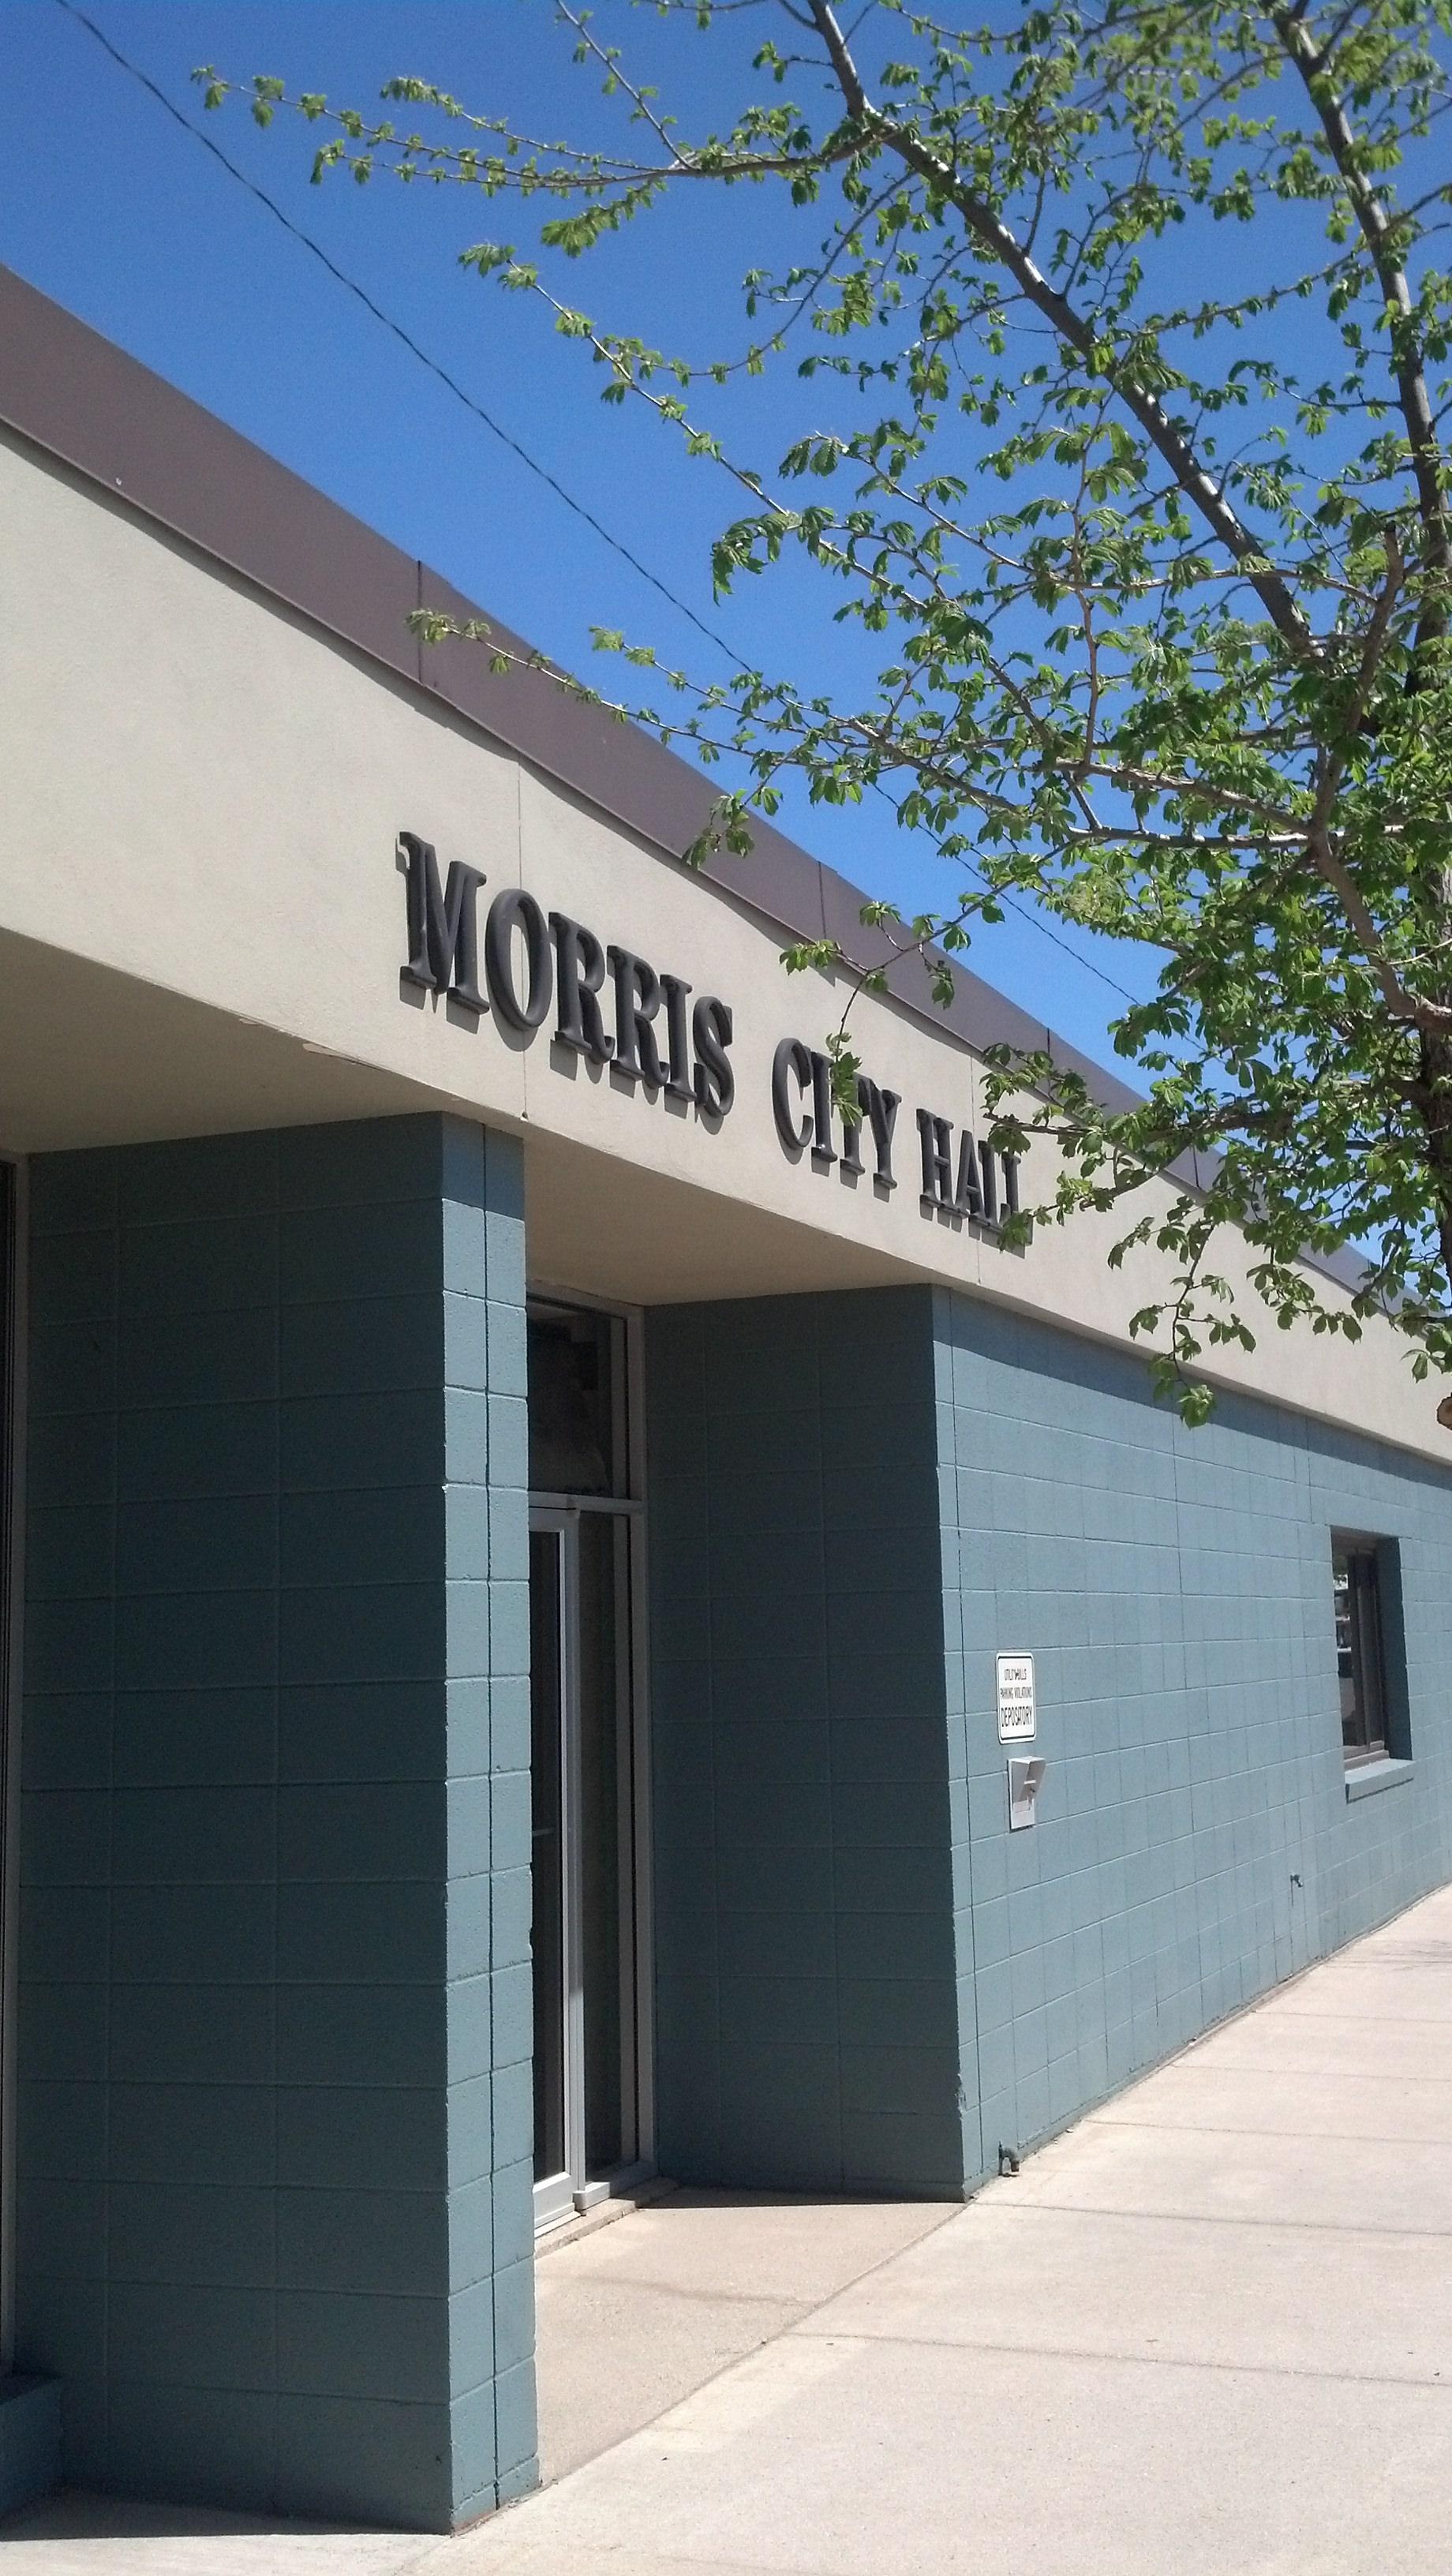 City of Morris